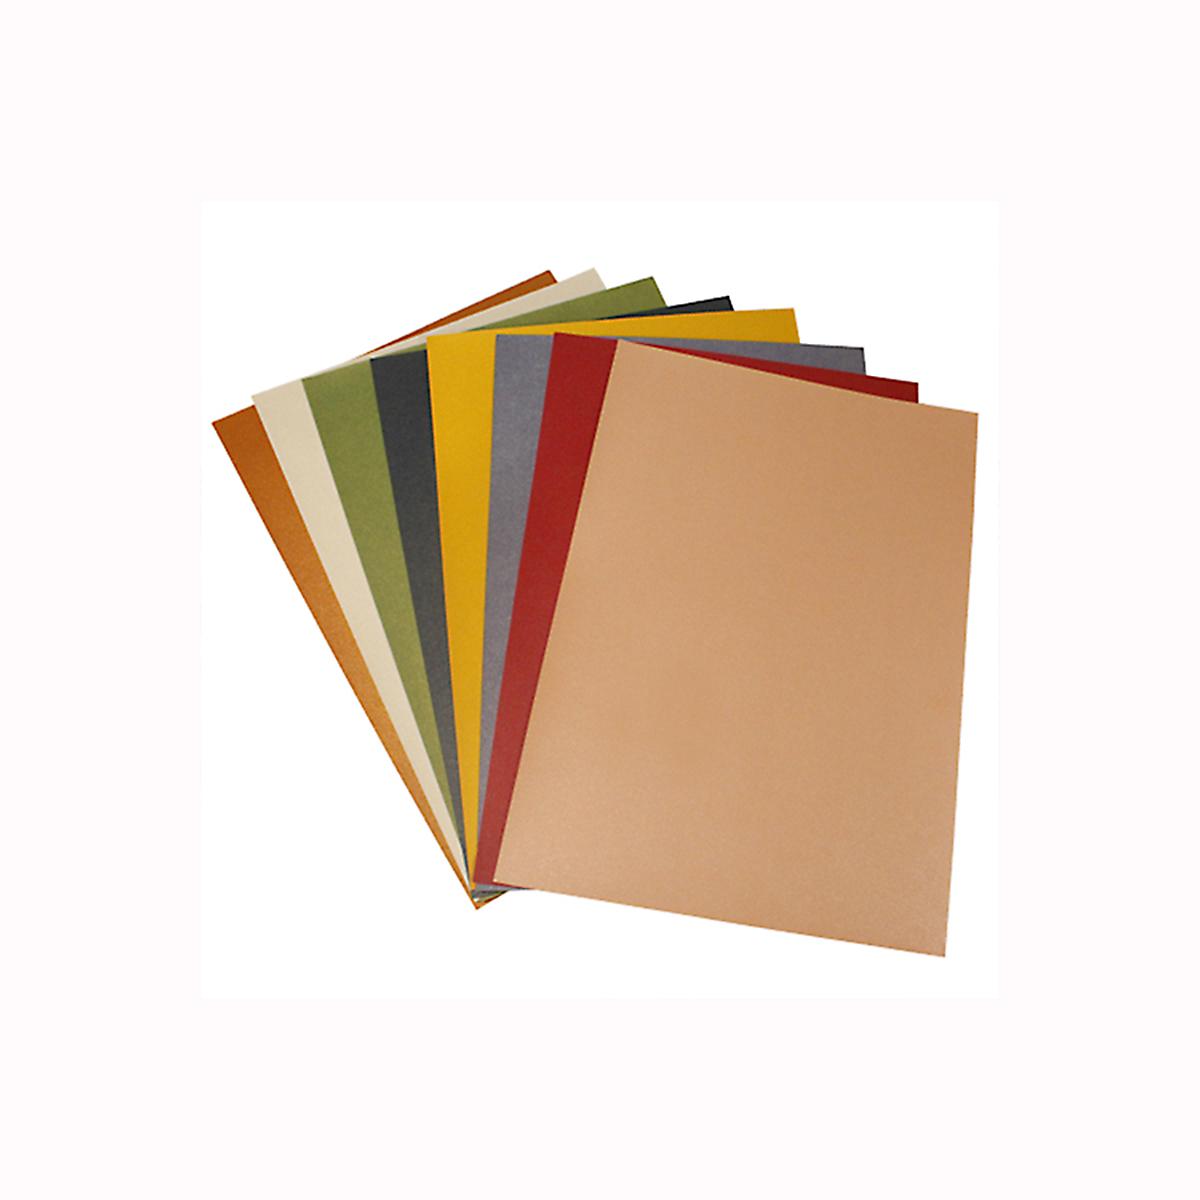 Бумага Бэстекс Перламутровая, 8 листов. 545638VR15.711Бумага Бэстекс Перламутровая идеально подходит для творческих работ и скрапбукинга.Бумага Бэстекс Перламутровая поможет вам сохранить все важные моменты жизни на собственных изделиях из фотографий, газетных вырезок, рисунков и других памятных мелочей. Эту бумагу можно использовать как фон или для создания декоративных элементов.В наборе 8 листов формата А4.